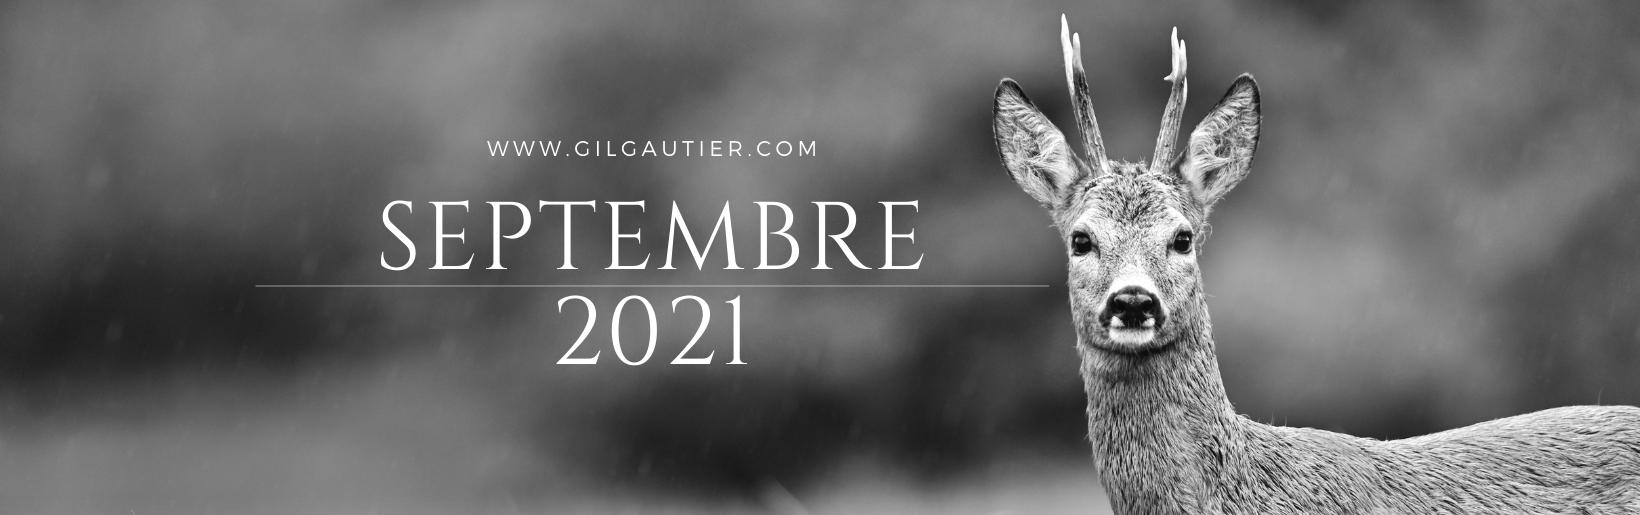 # SEPTEMBRE 2021